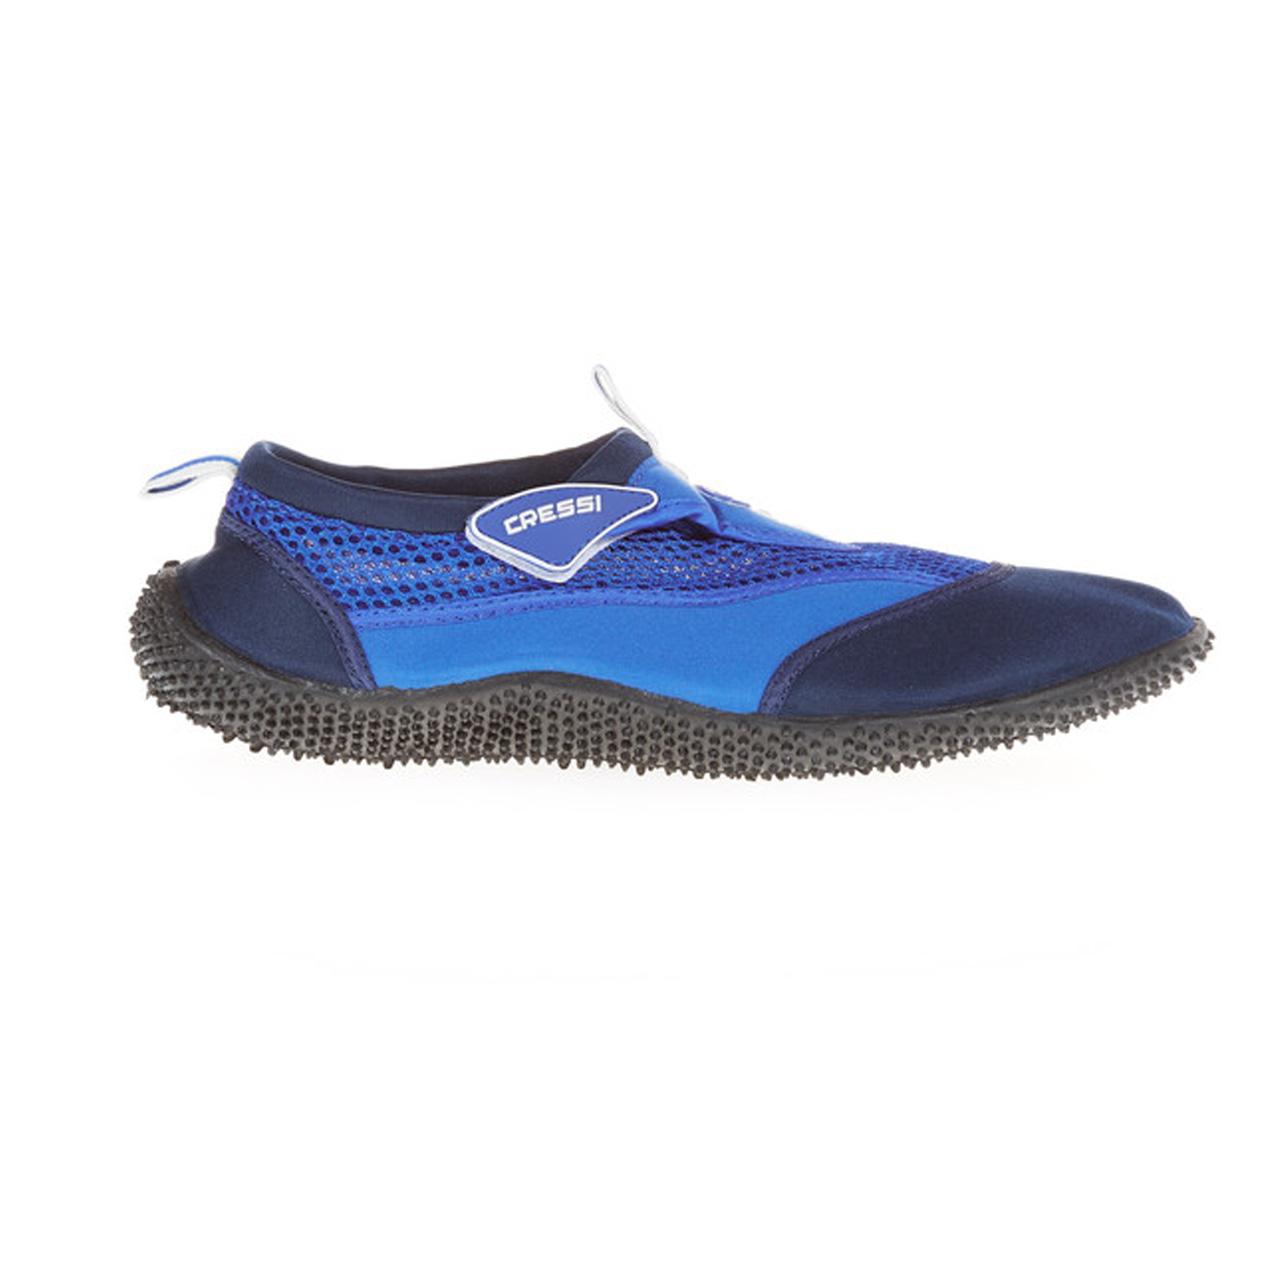 خرید کفش ساحلی زنانه کرسی مدل Reef